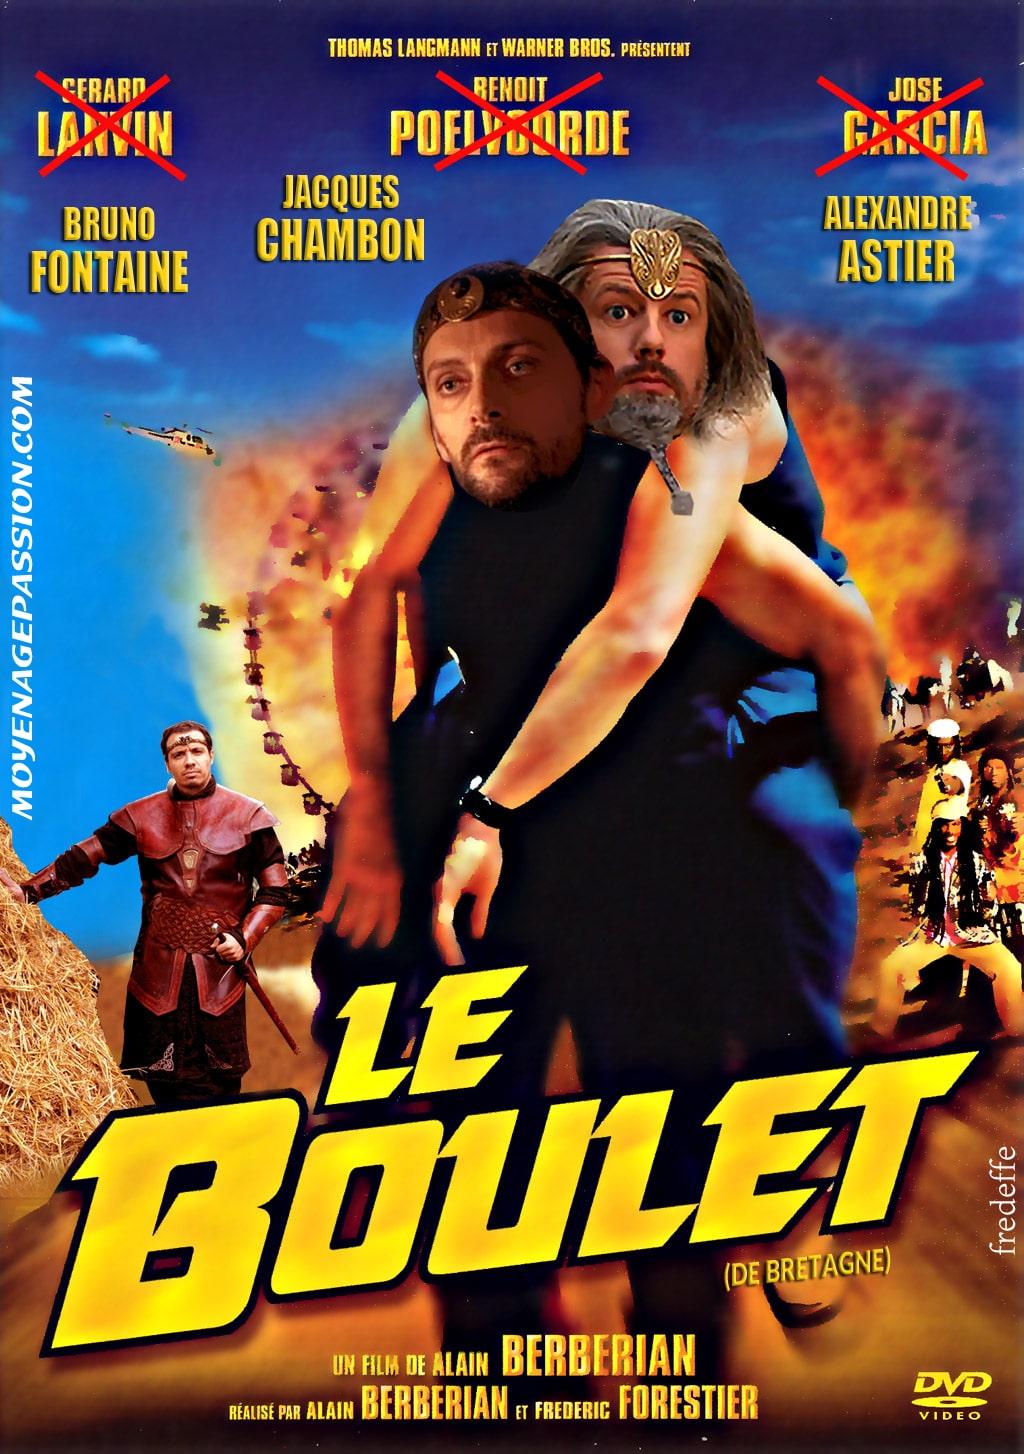 kaamelott_merlin_elias_serie_tele_culte_humour_boulet_detournement_affiche_cinema_legendes_arthuriennes